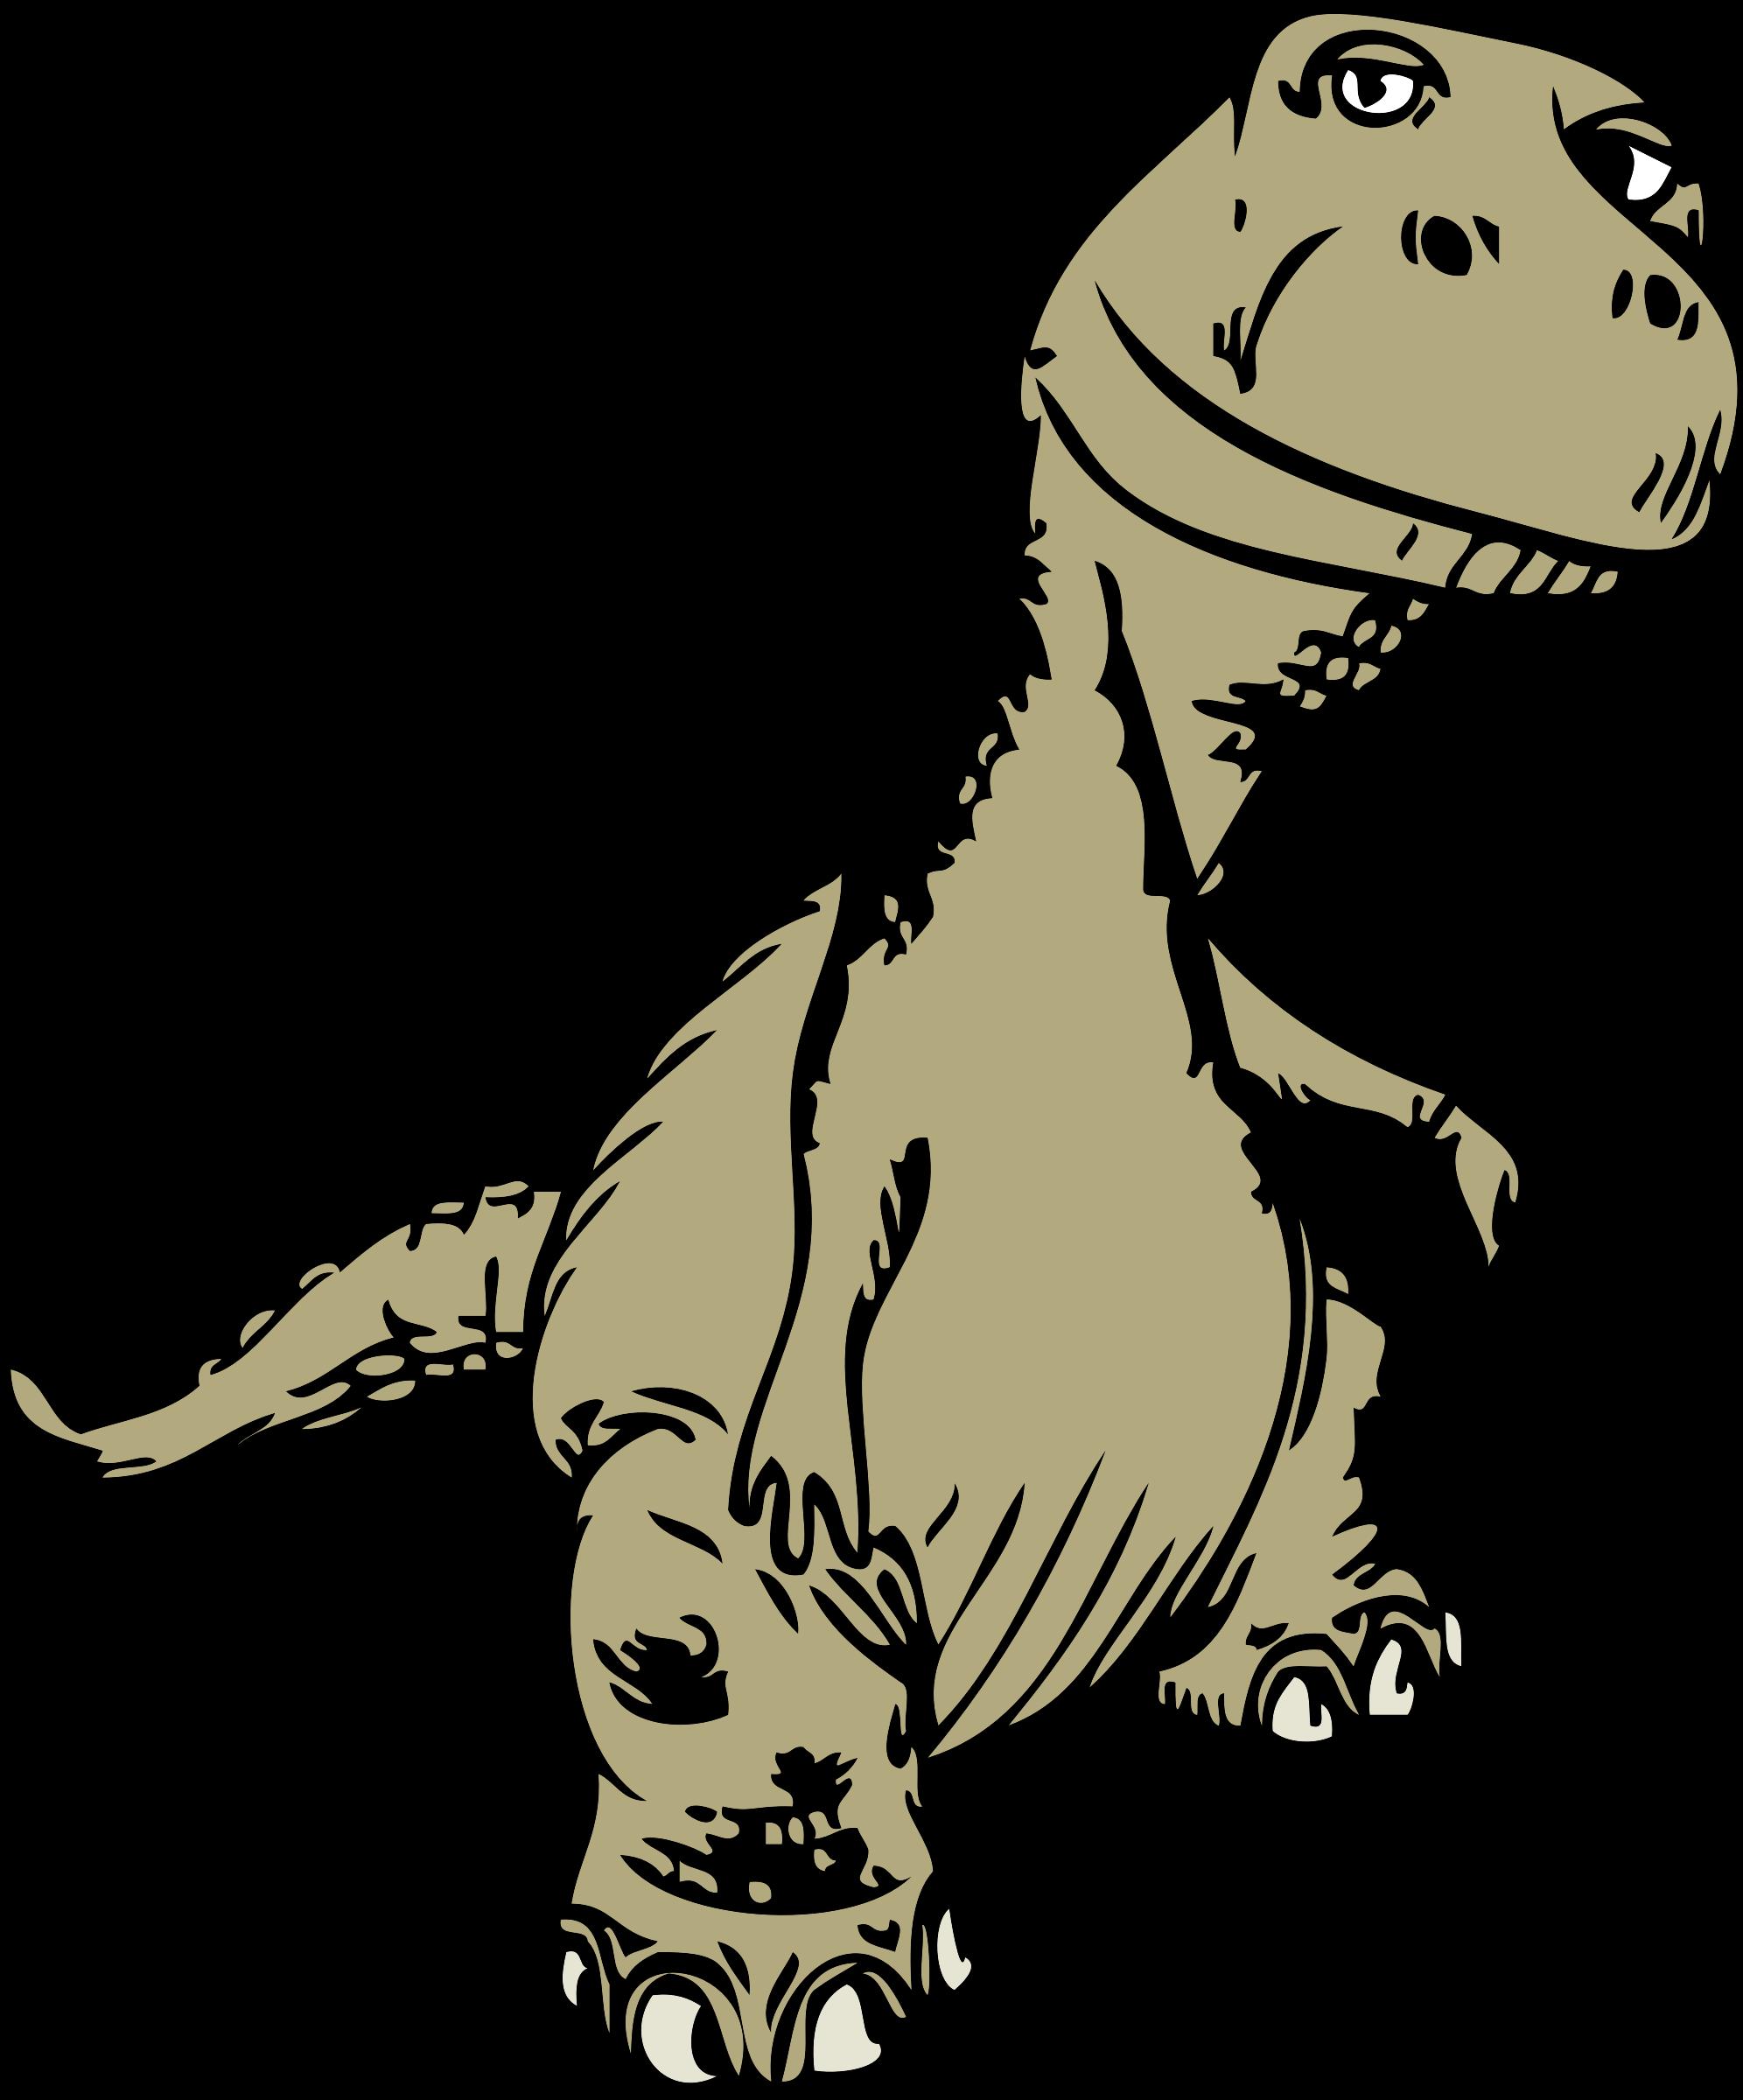 Green clipart t rex. Dinosaur